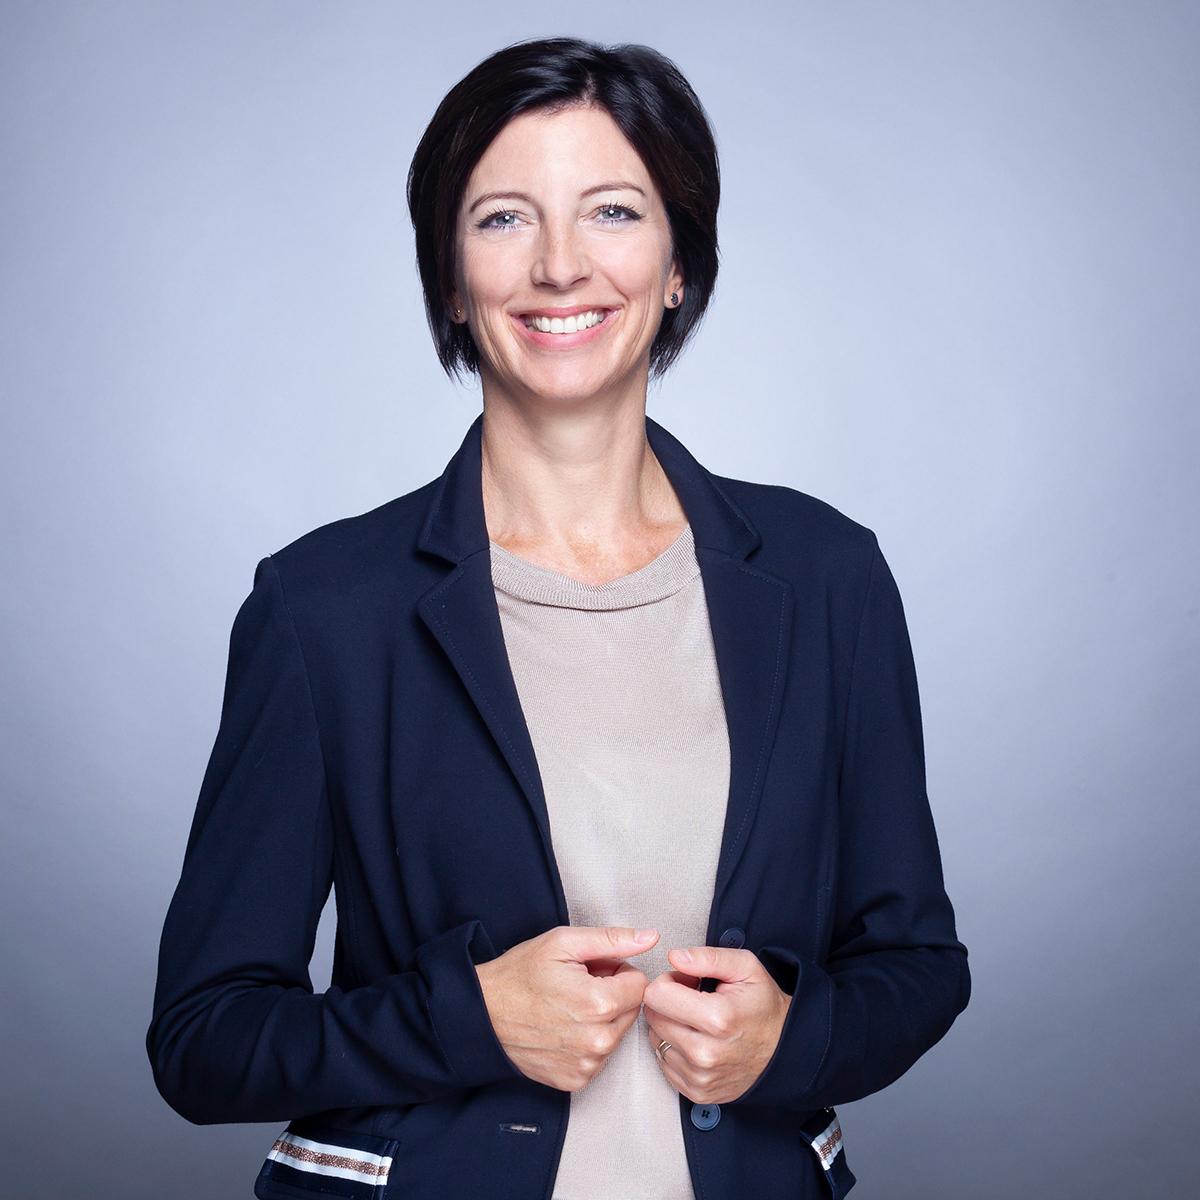 Dr. med. univ. Andrea Michlmayr - Fachärztin für Frauenheilkunde und Geburtshilfe, Langkampfen, Tirol, Wahlarzt, Team